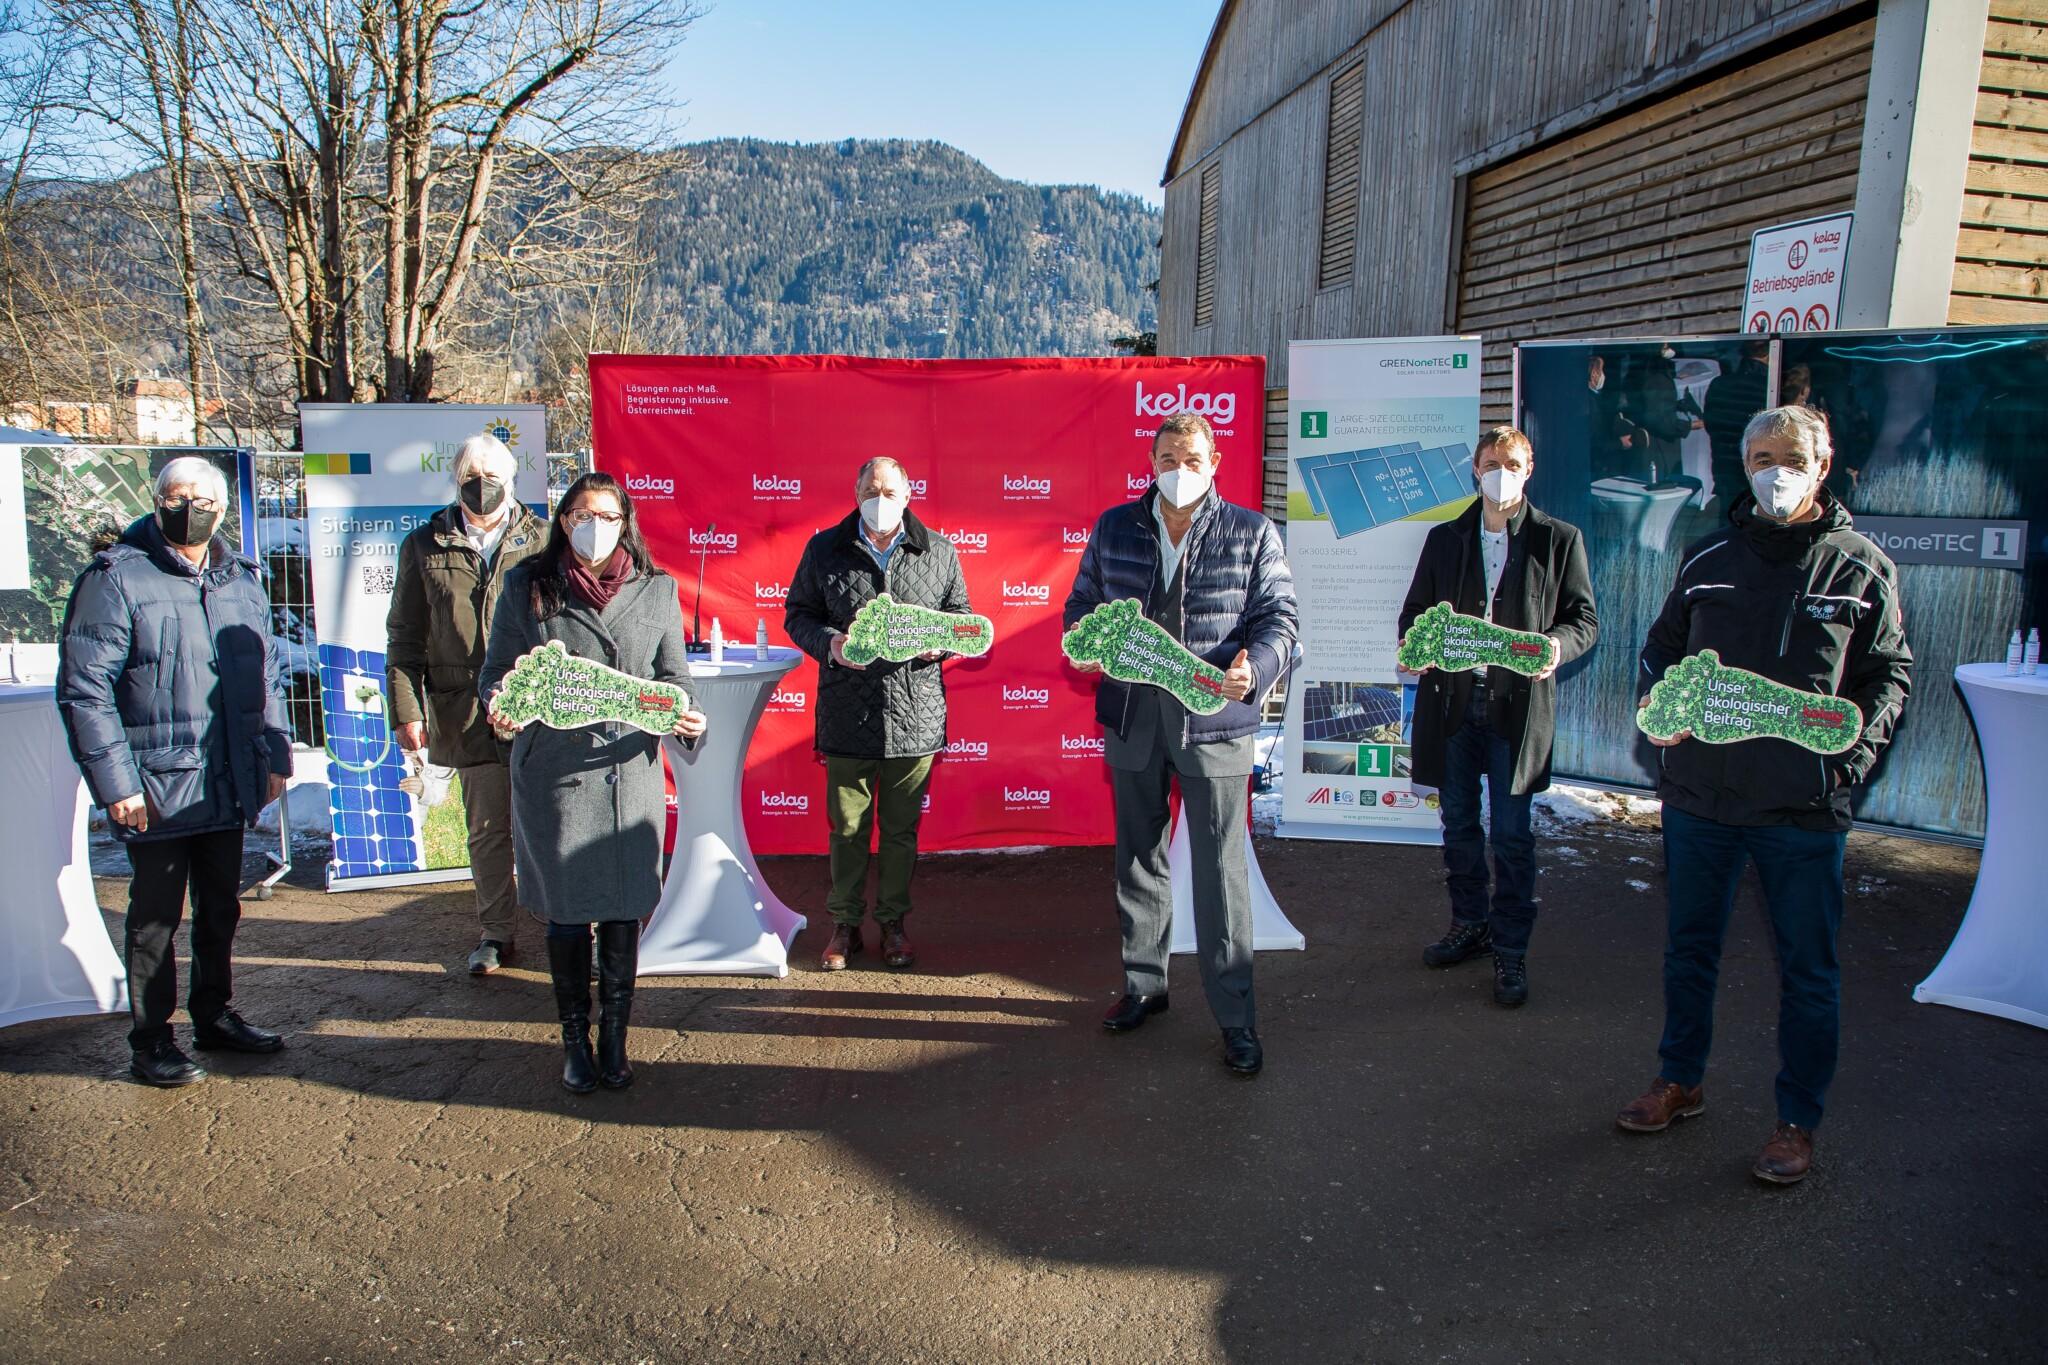 Die solarthermische Anlage in Friesach ist mit ihrer Konzeption die größte in Österreich und ein Vorzeigeprojekt in Sachen Klimaschutz.